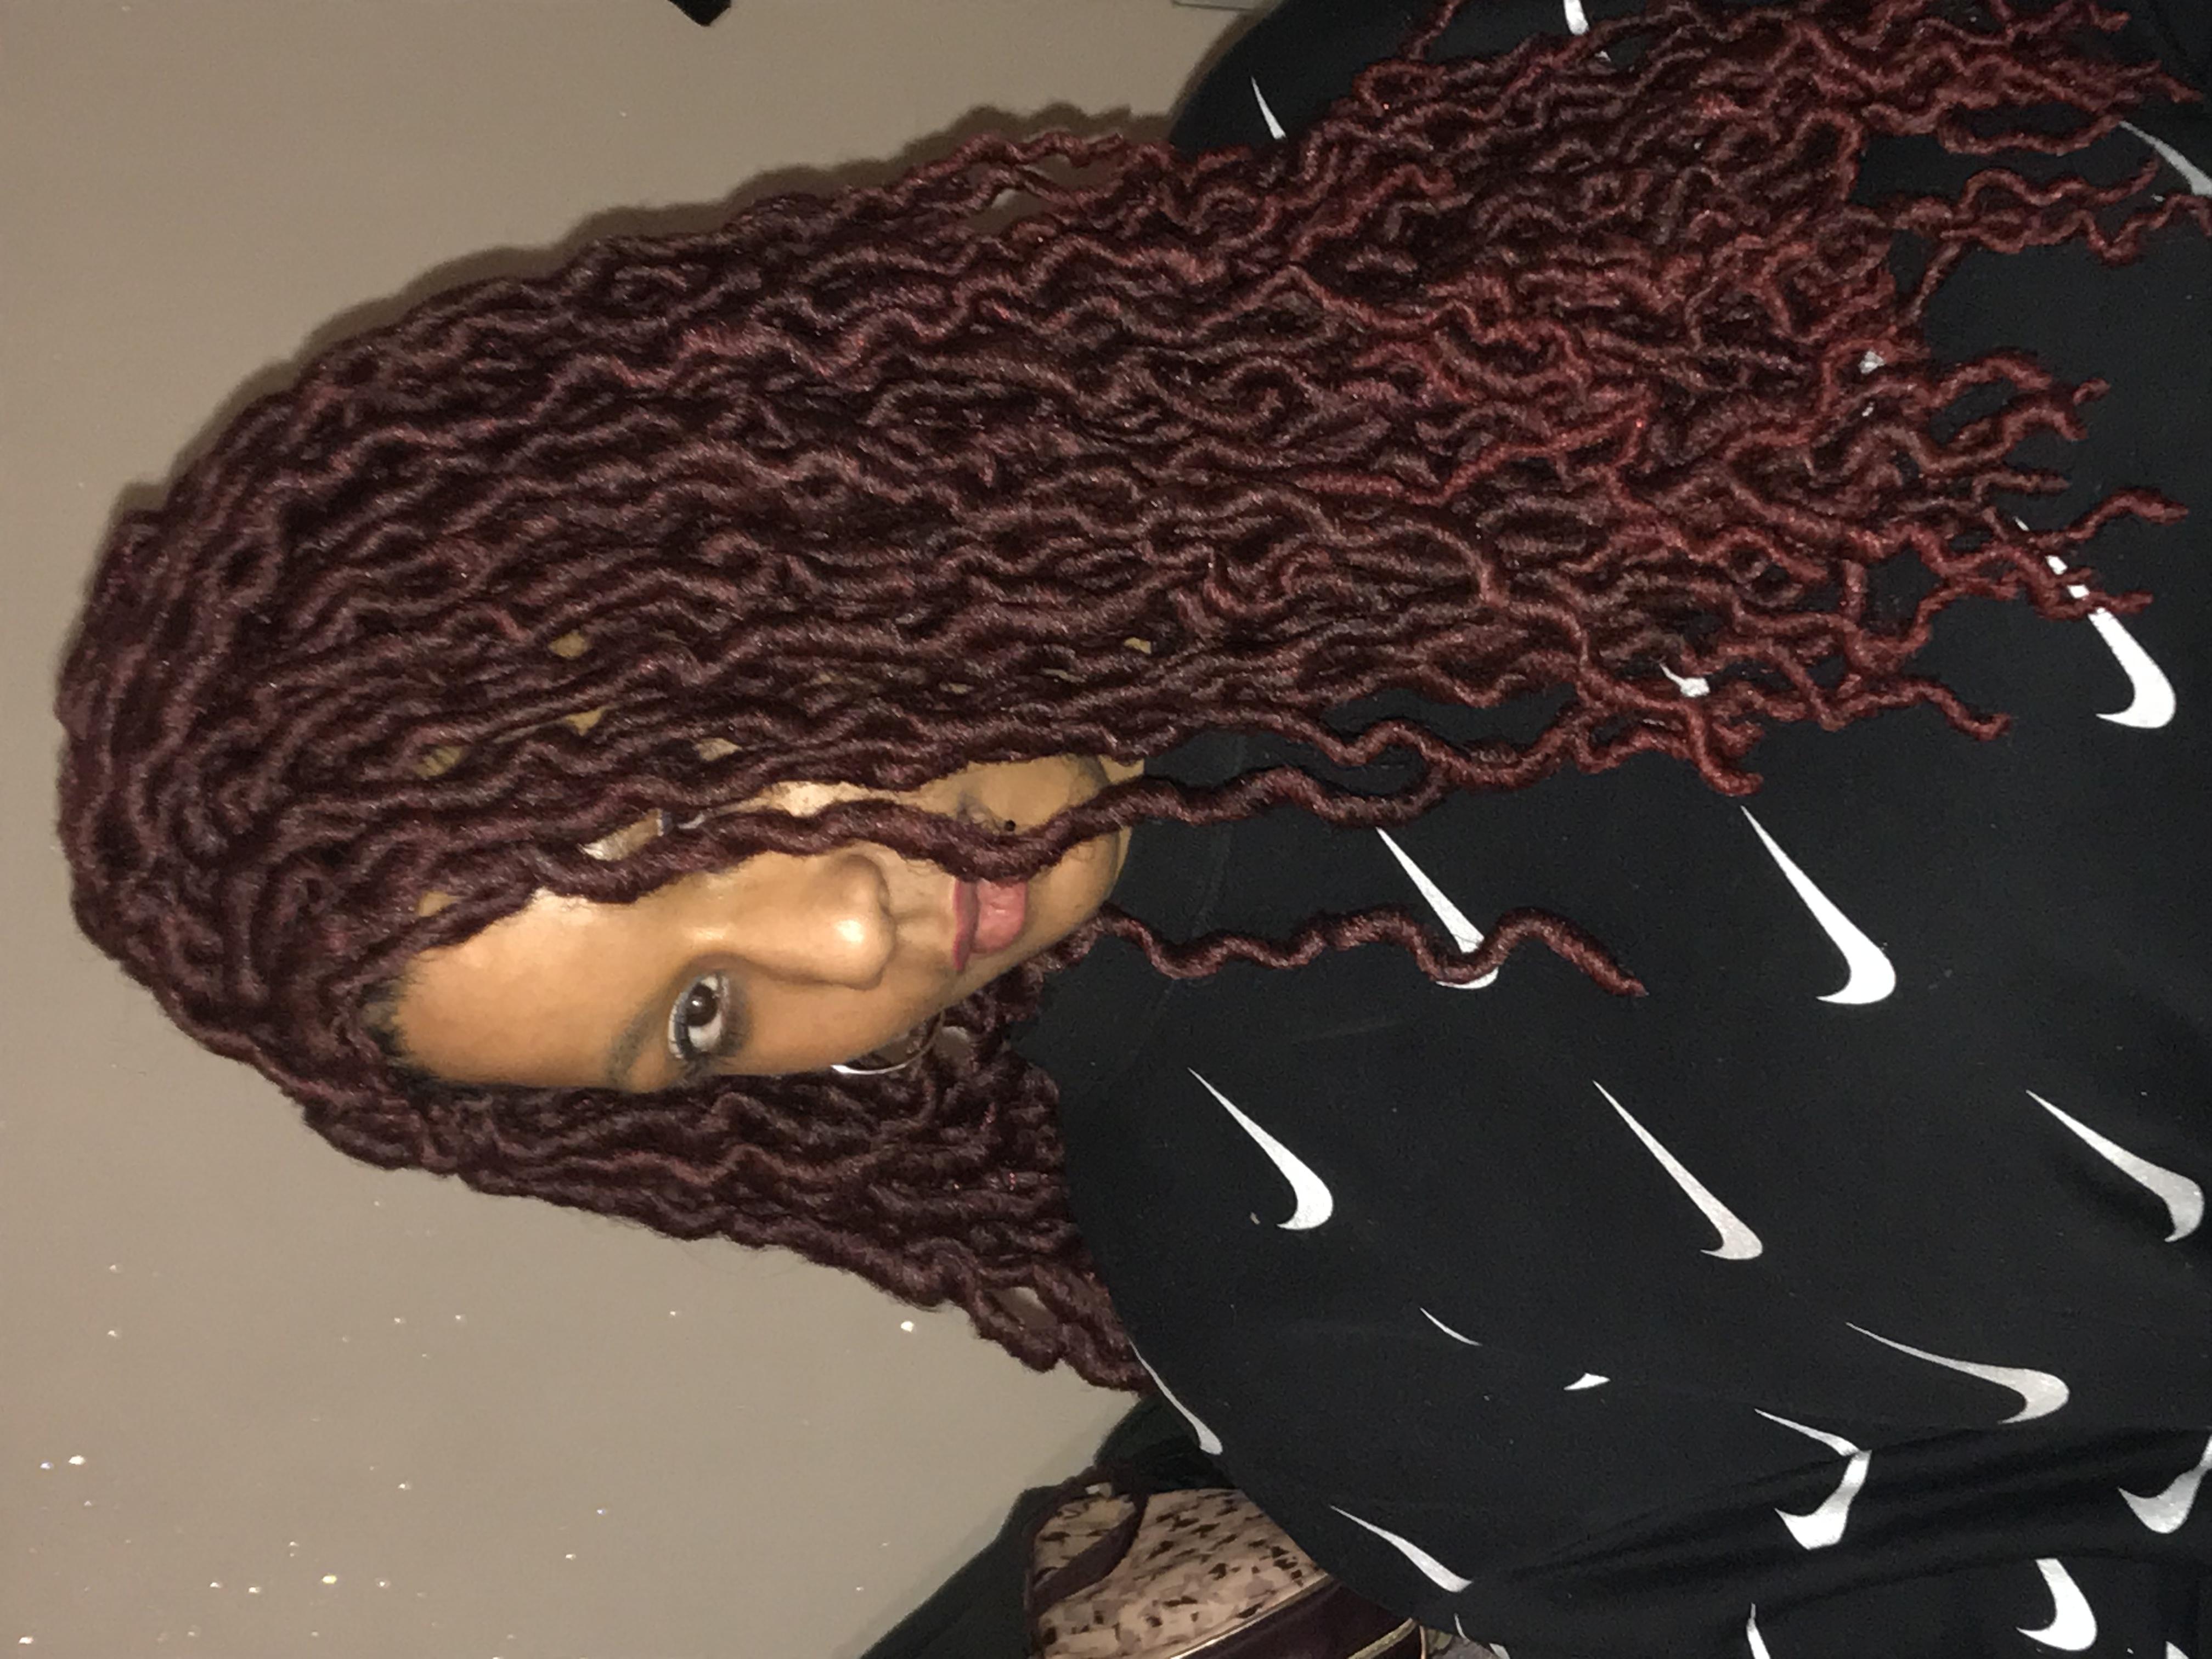 salon de coiffure afro tresse tresses box braids crochet braids vanilles tissages paris 75 77 78 91 92 93 94 95 IJZUPRAK